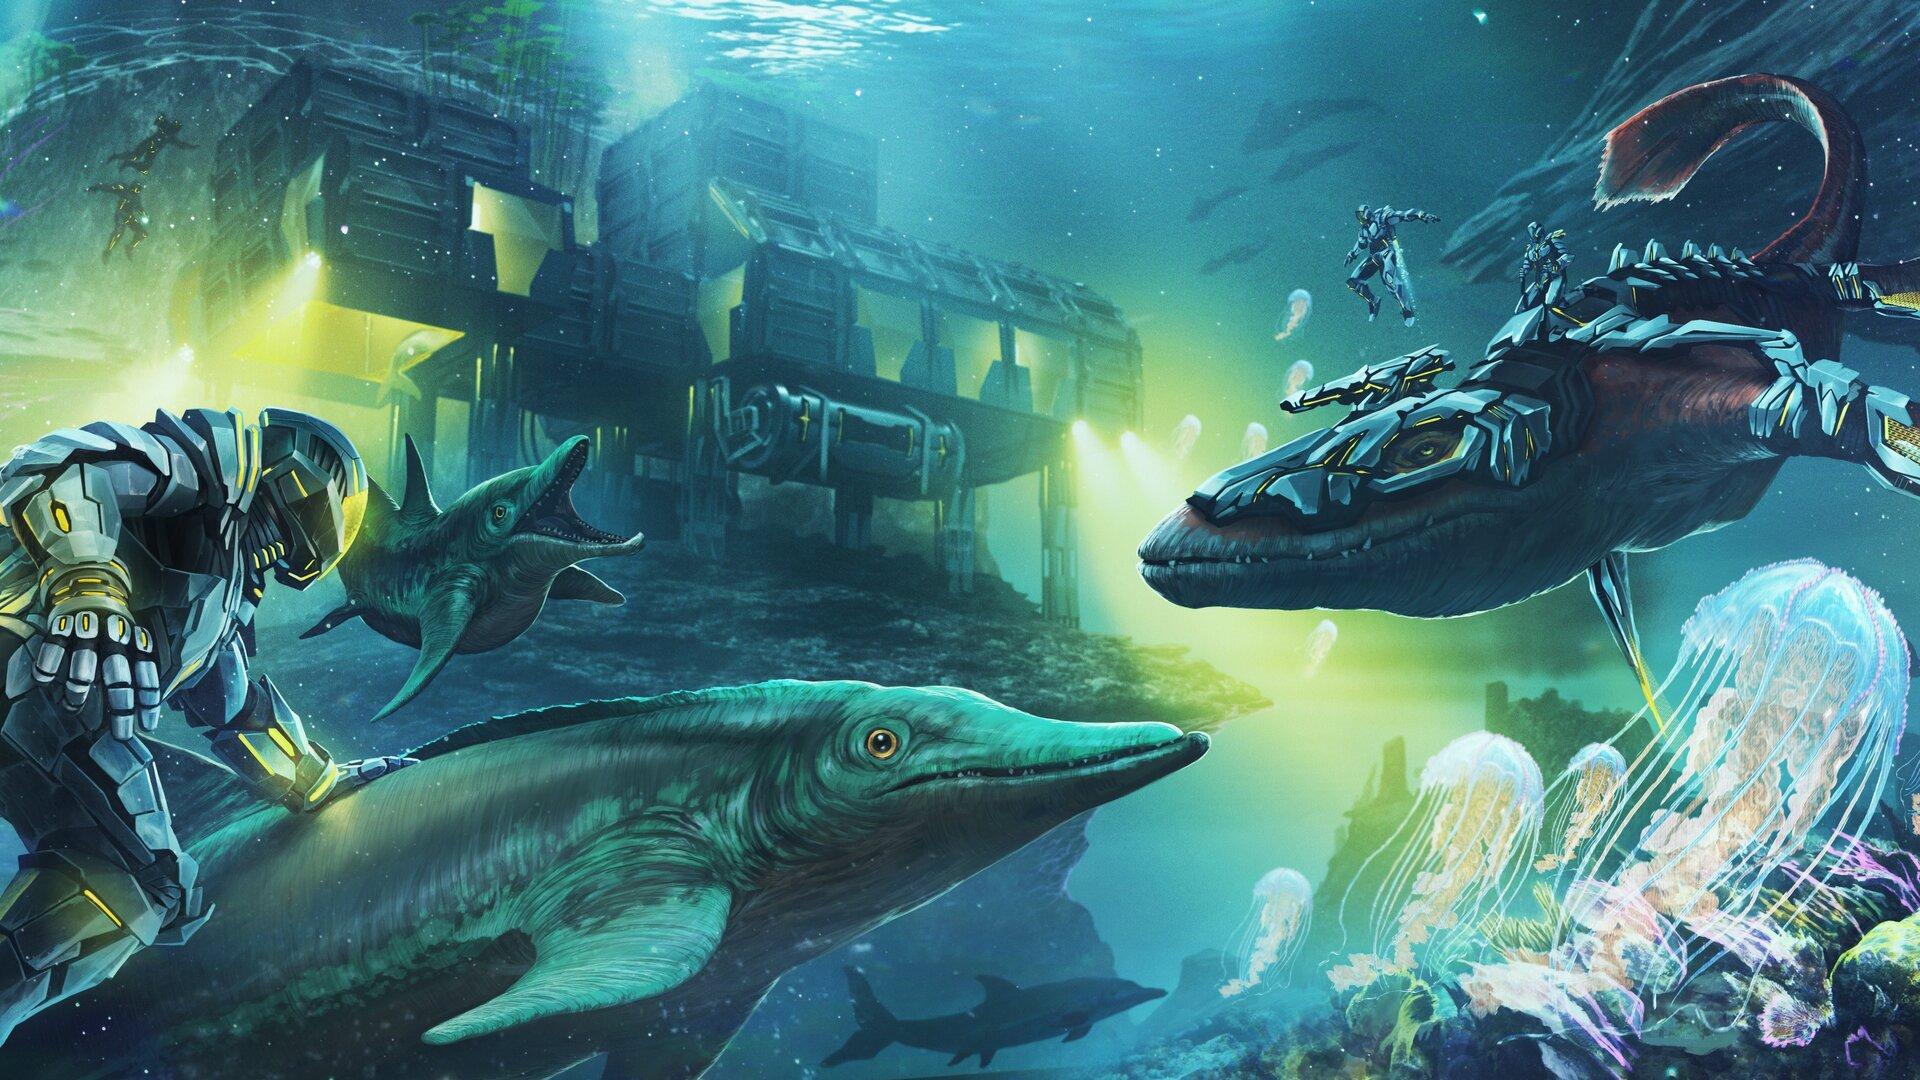 1920x1080 ark survival evolved